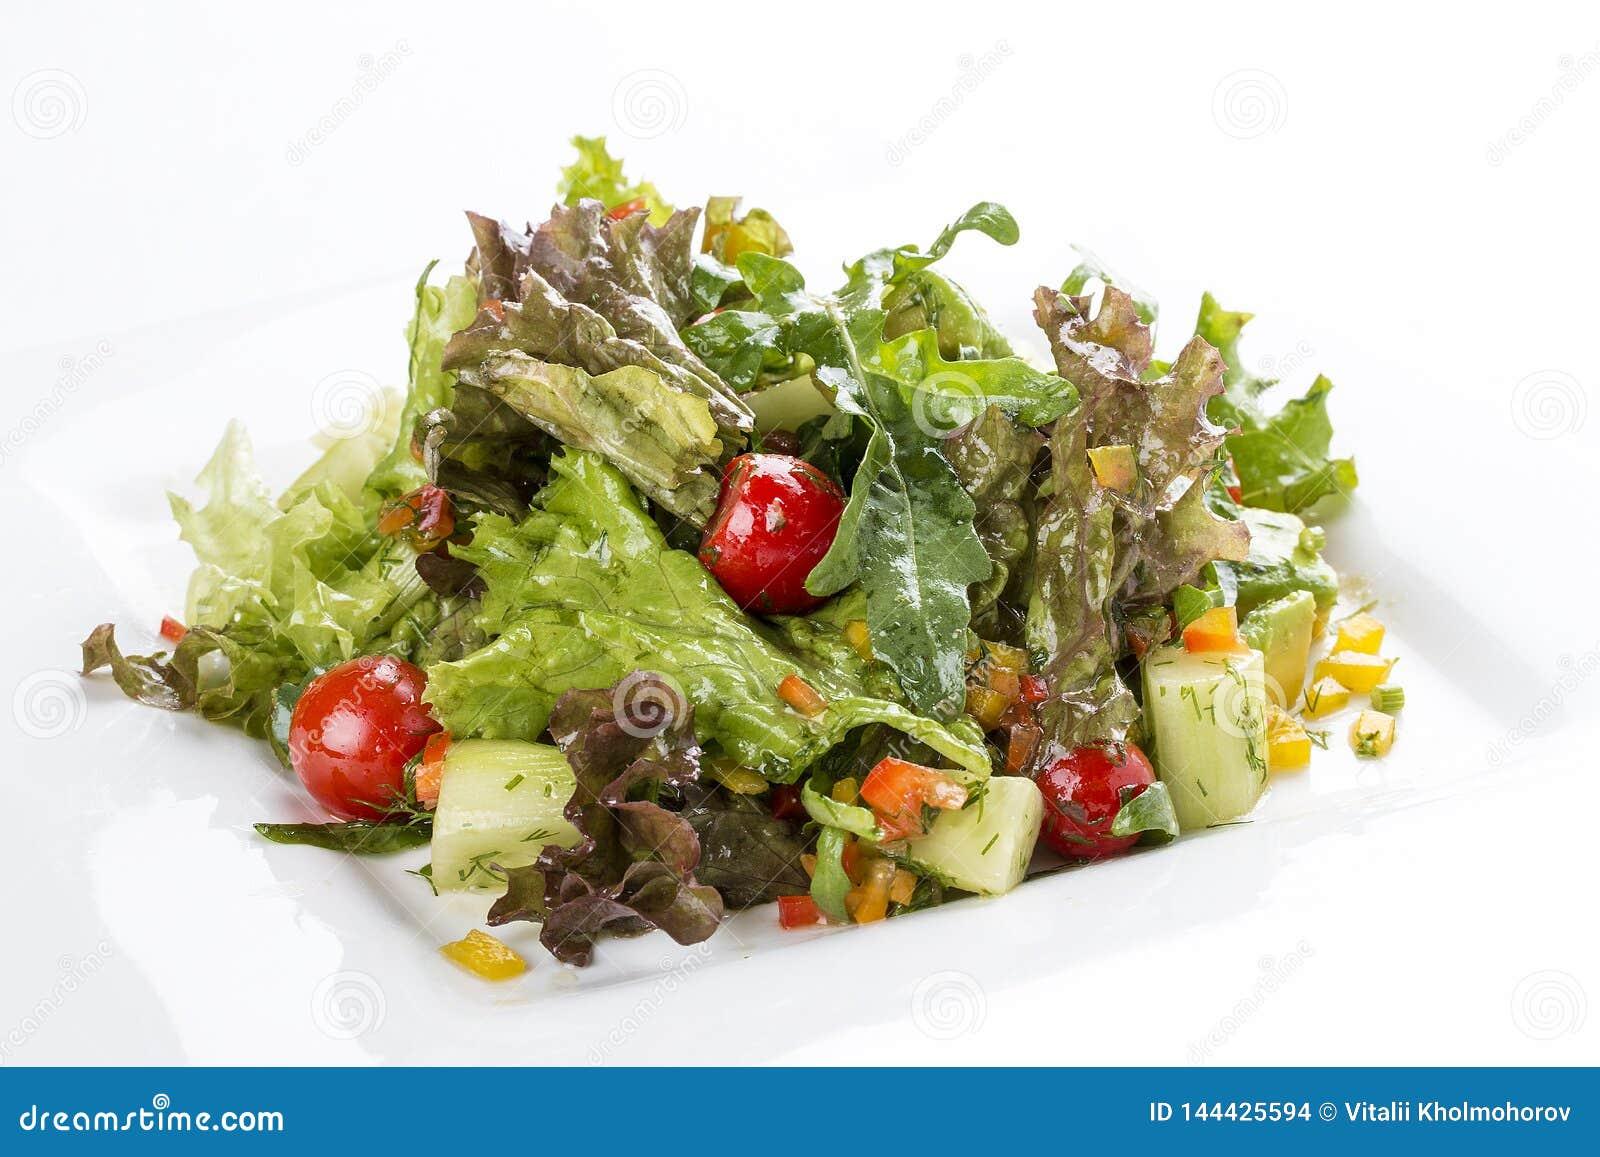 Σαλάτα με το αβοκάντο και λαχανικά σε ένα άσπρο πιάτο